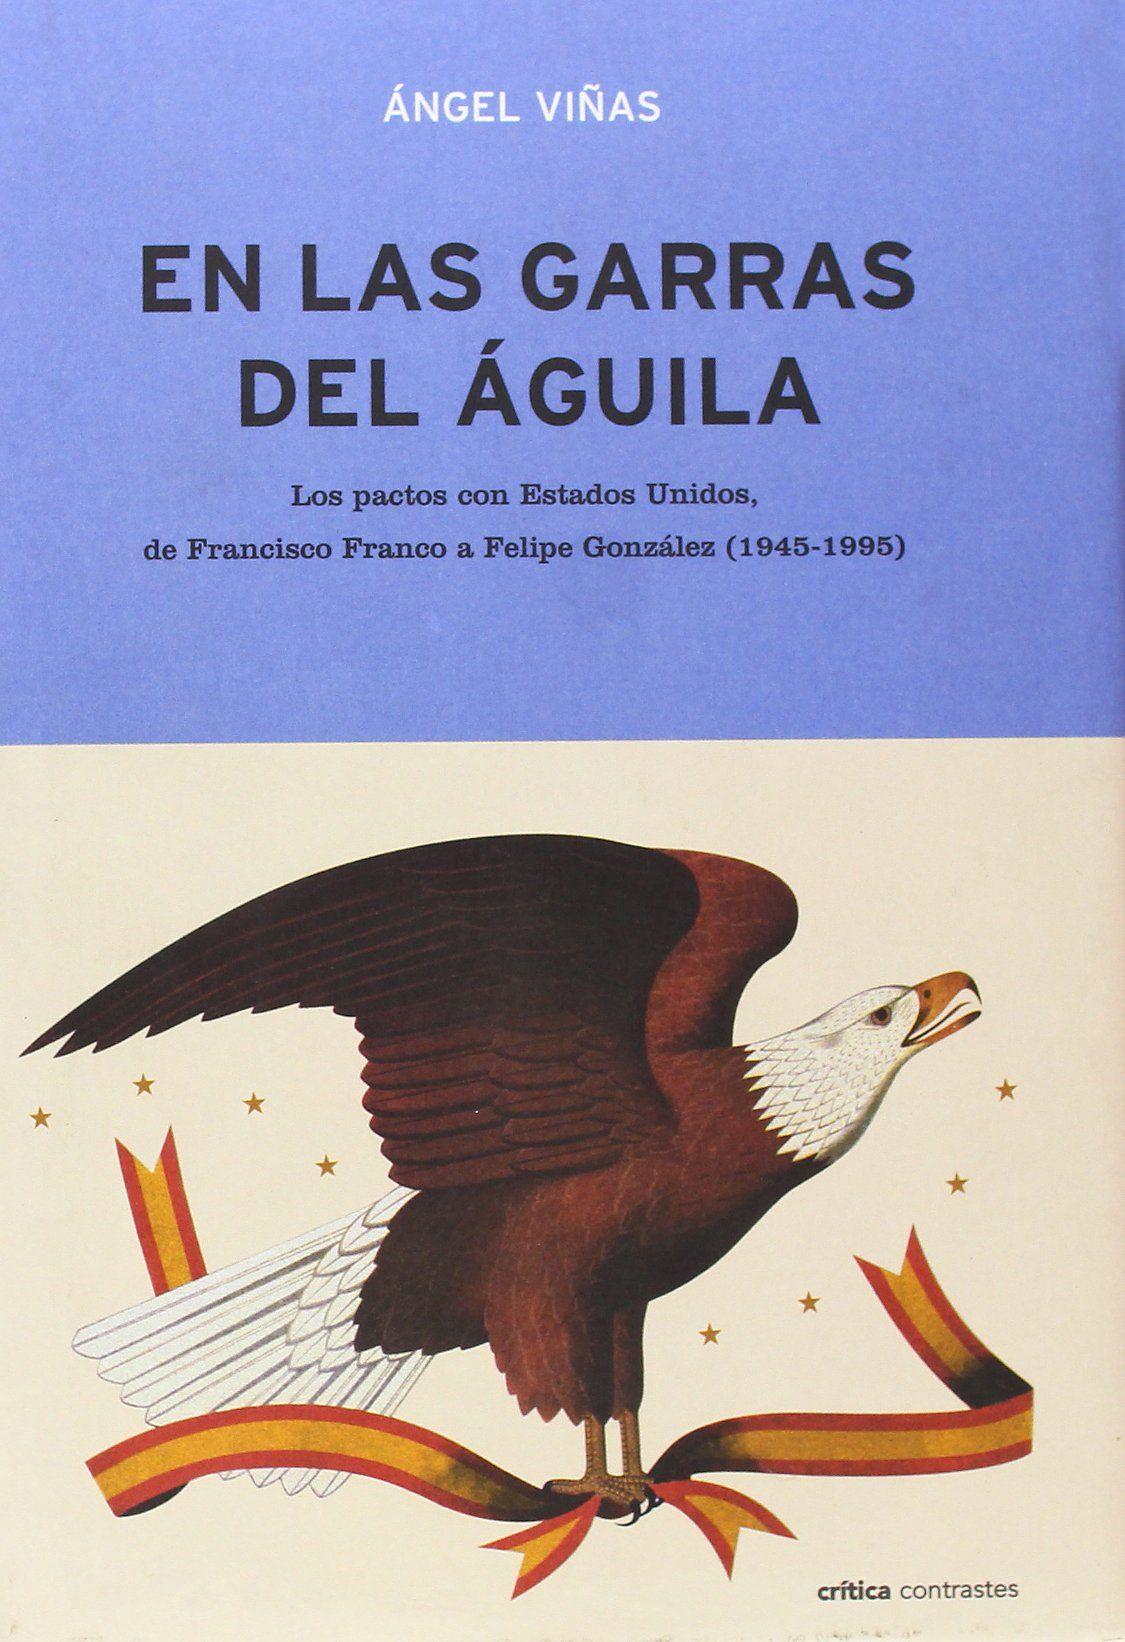 EN LAS GARRAS DEL AGUILA: LOS PACTOS CON ESTADOS UNIDOS, DE FRANCISCO FRANCO A FELIPE GONZÁLEZ (1945-1995). Ángel Viñas. Localización: 327/VIÑ/gar